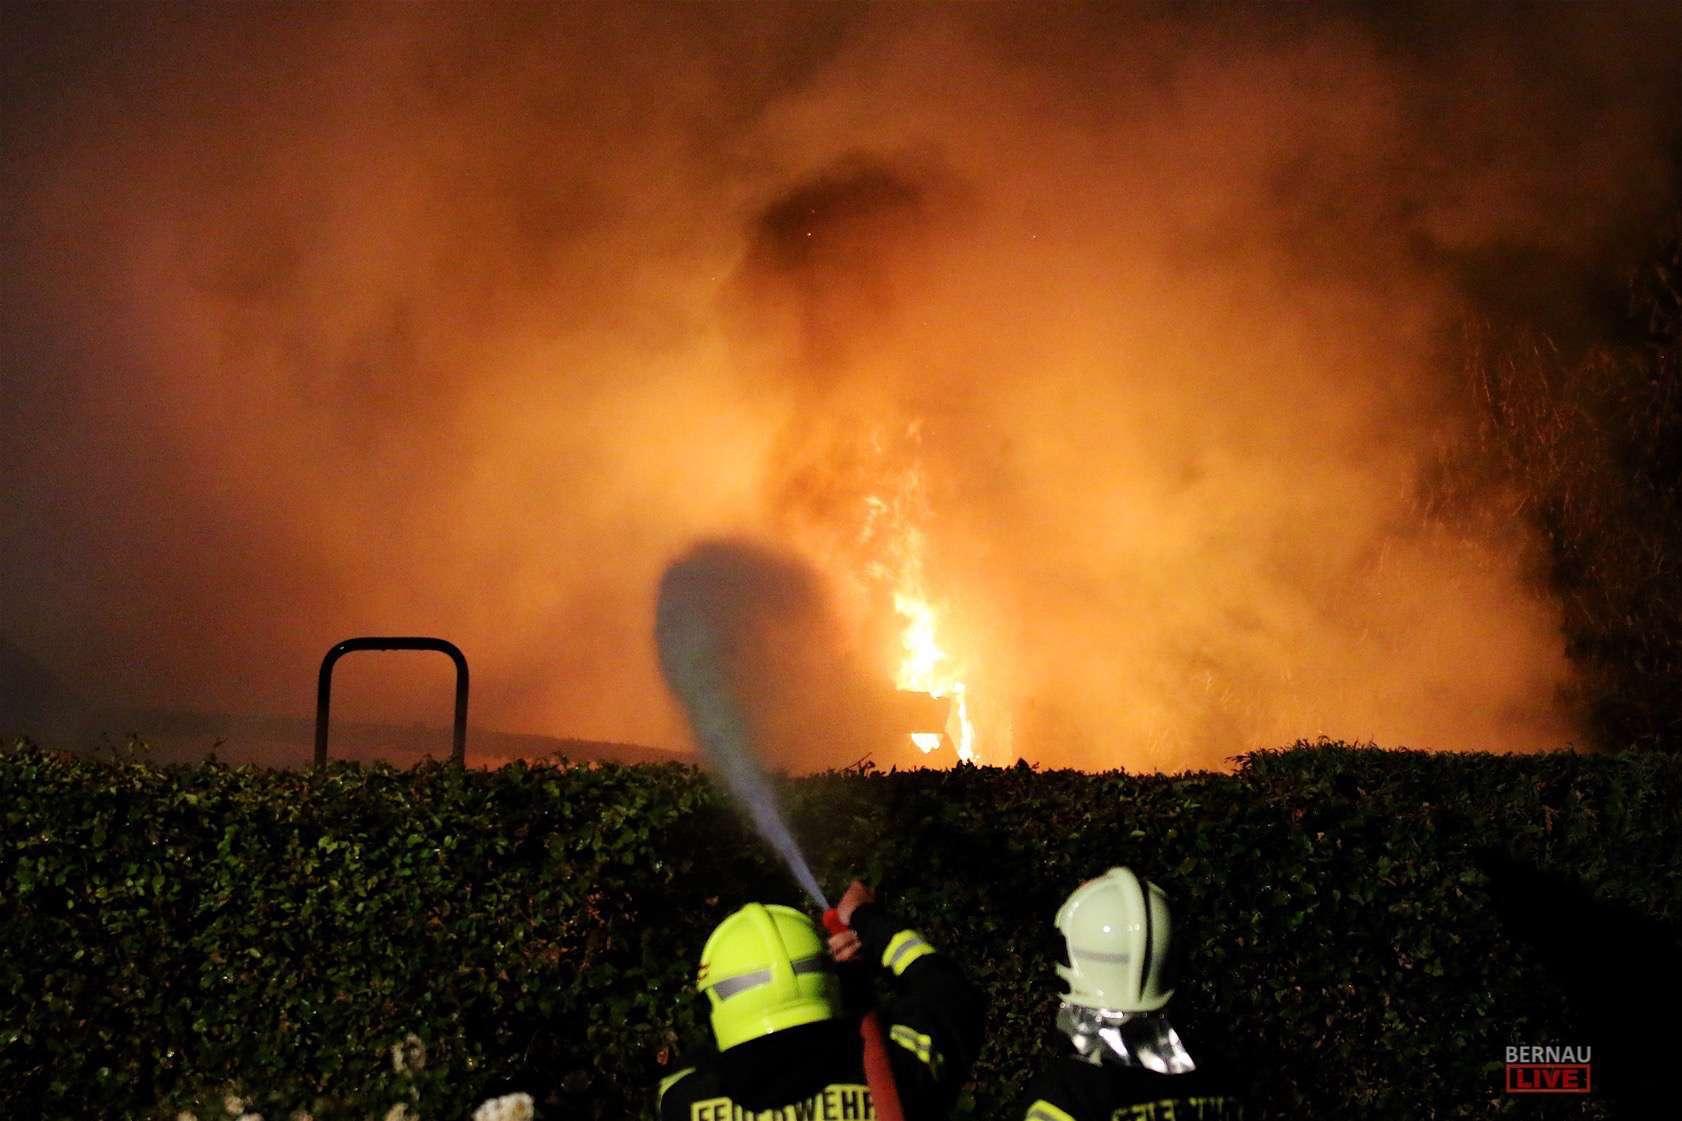 Schuppen Eberswalde in wandlitz steht ein schuppen in vollbrand